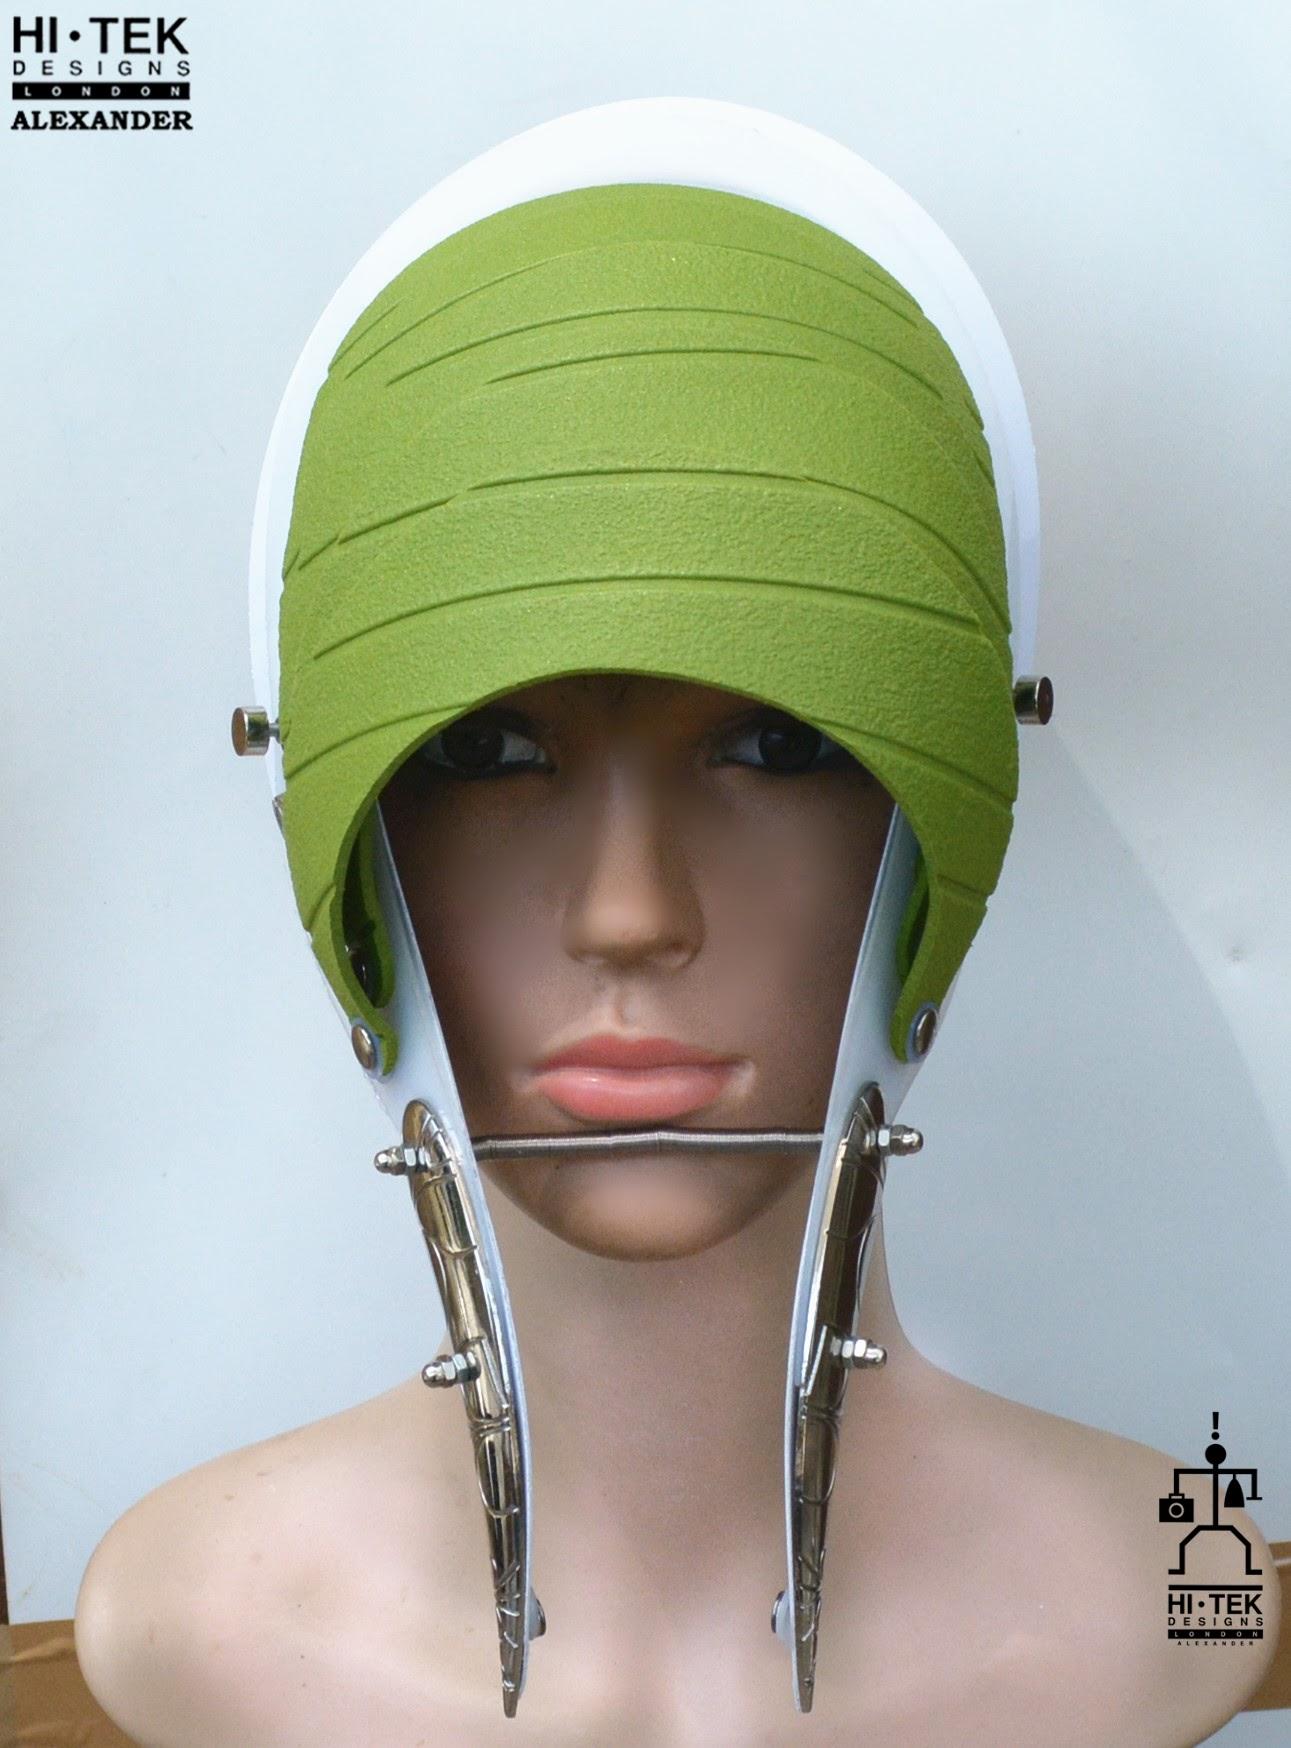 Unusual Head Wear futuristic, mask hat headpiece helmet modern Steampunk wearable art green